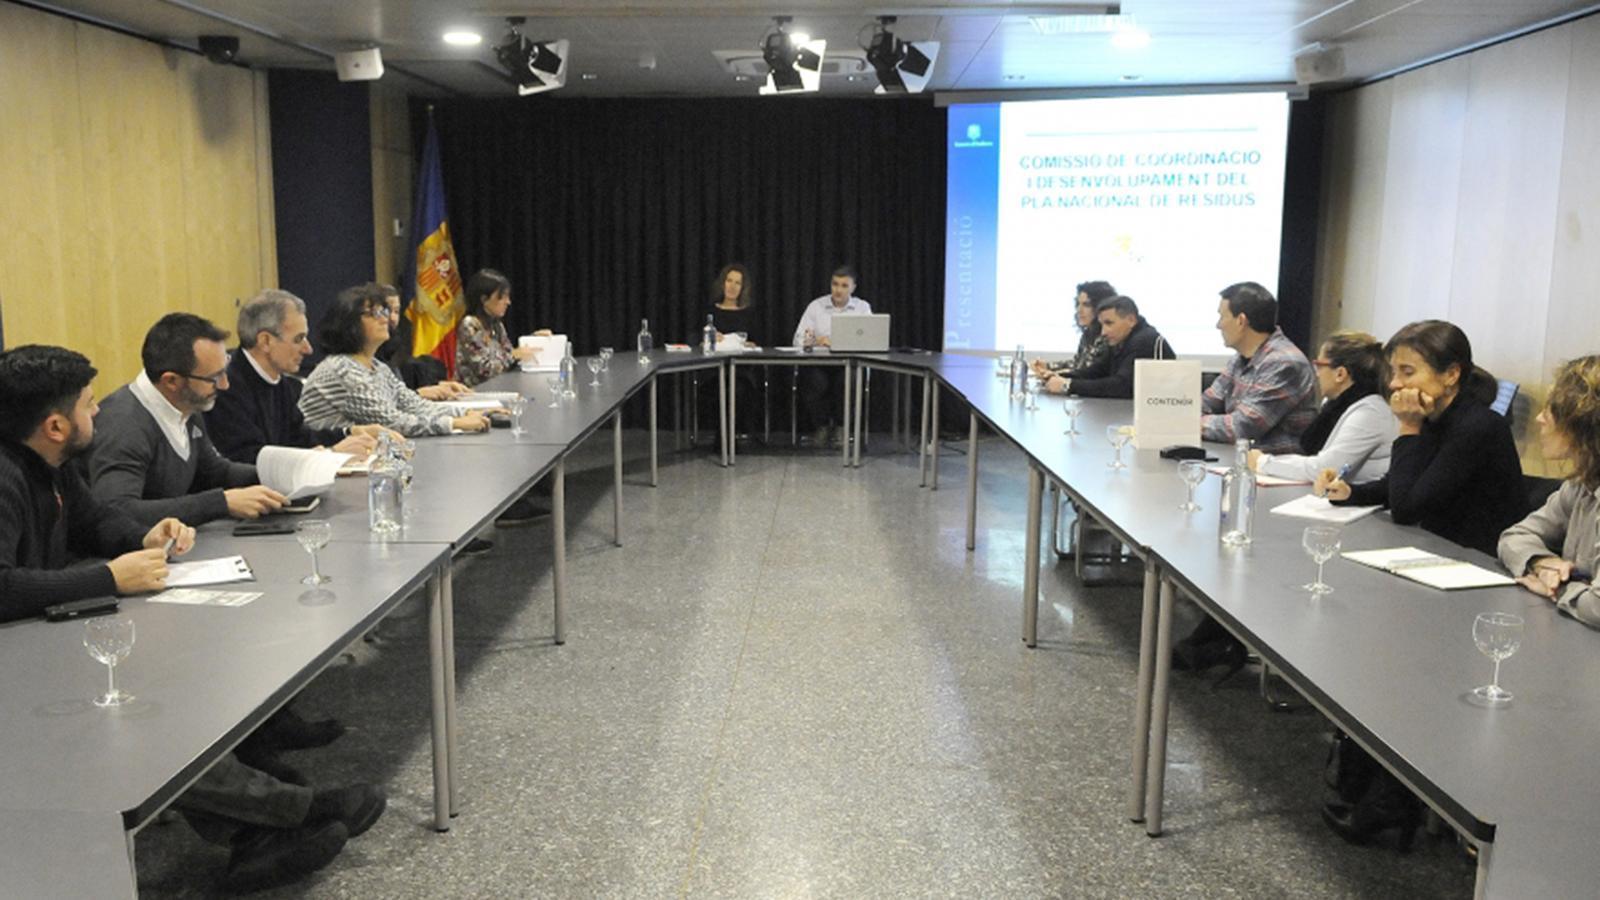 Un moment de la trobada de la Comissió de coordinació i desenvolupament del Pla nacional de residus. / SFG